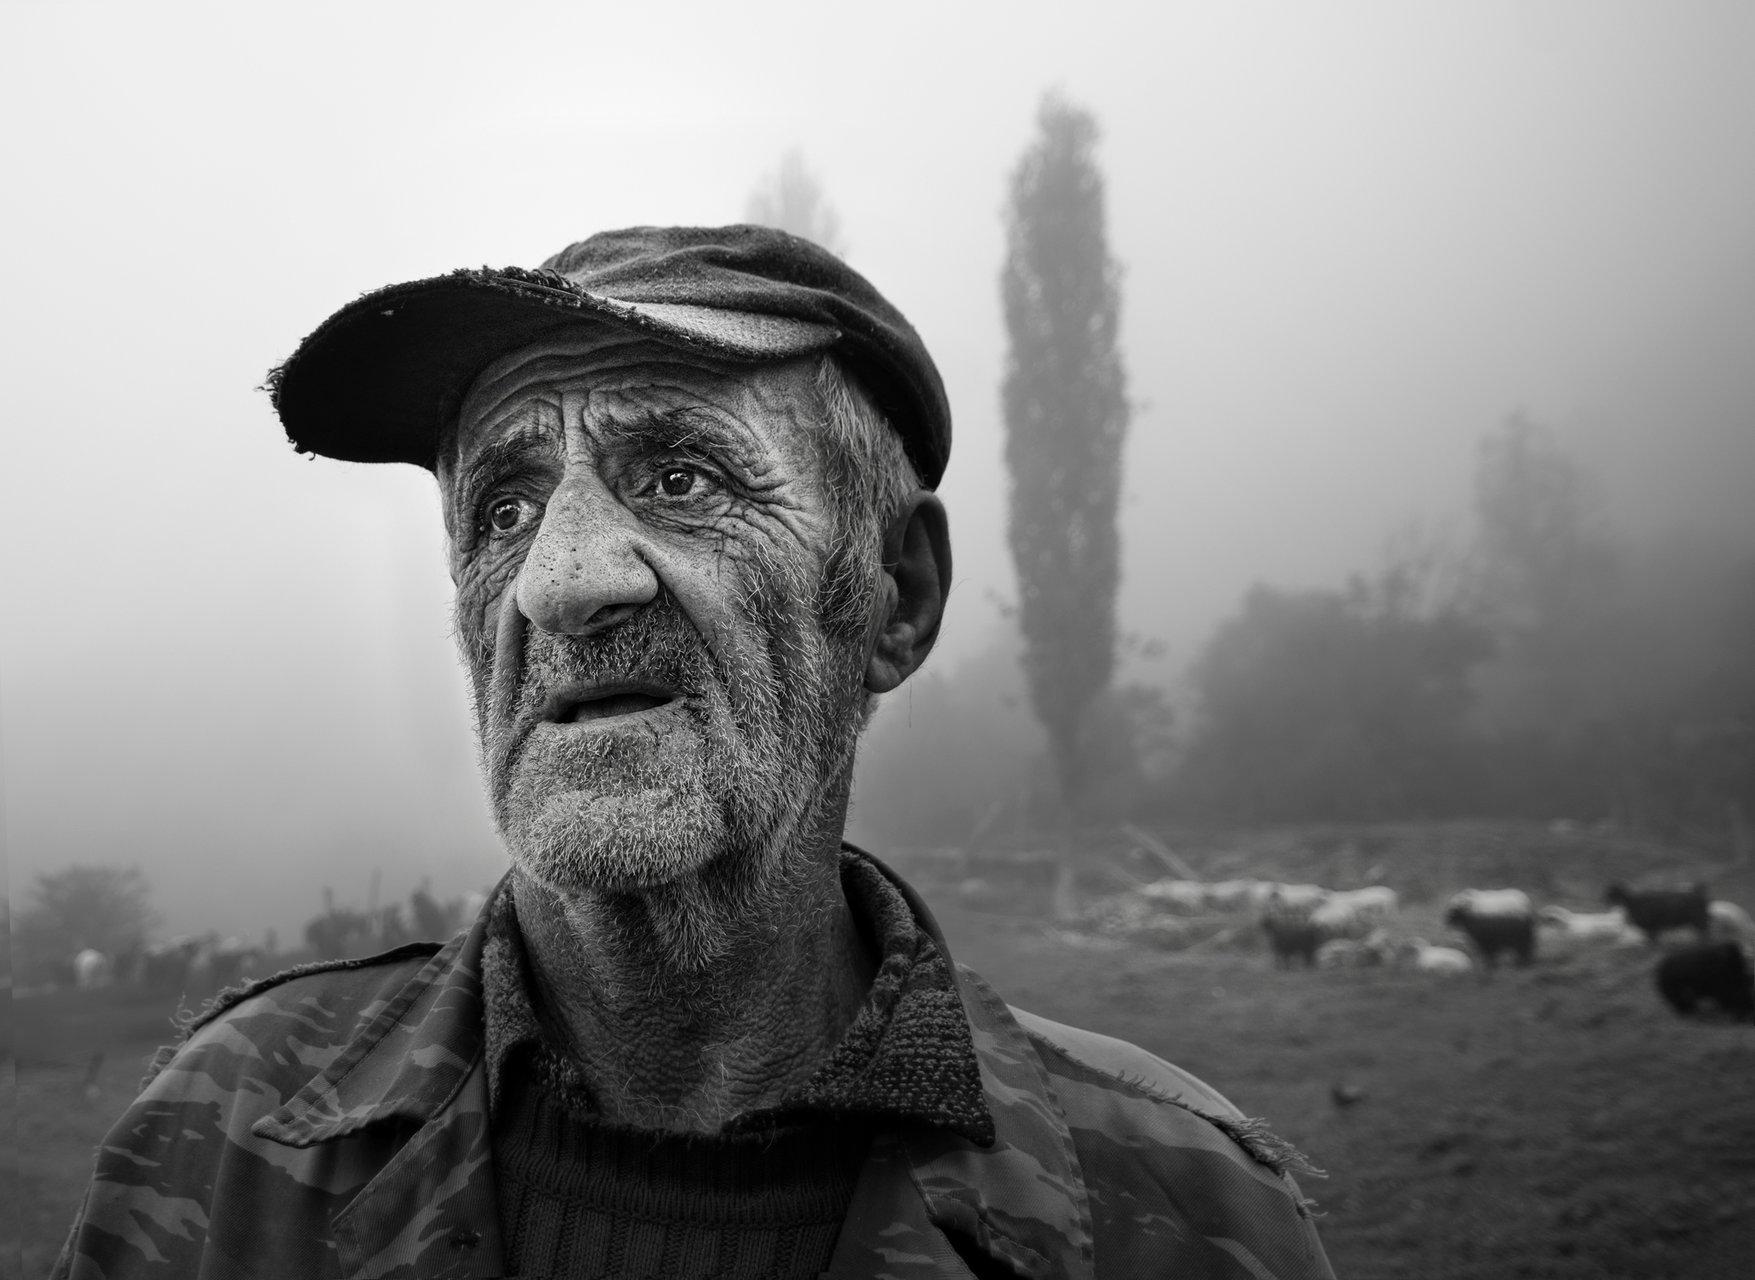 Photo in Portrait | Author Инка | PHOTO FORUM